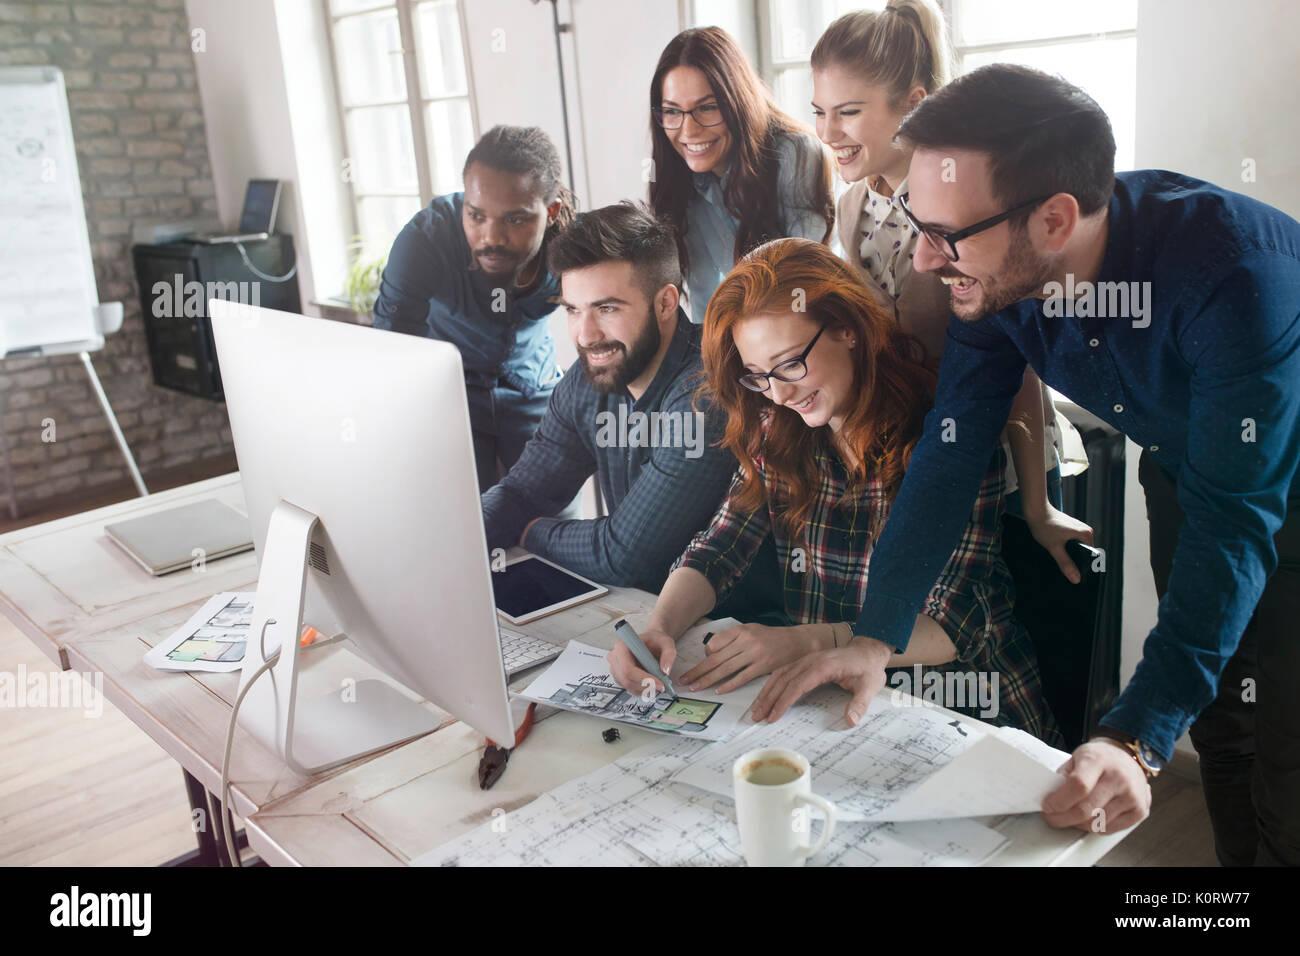 Grupo de jóvenes diseñadores que trabajan como equipo Imagen De Stock